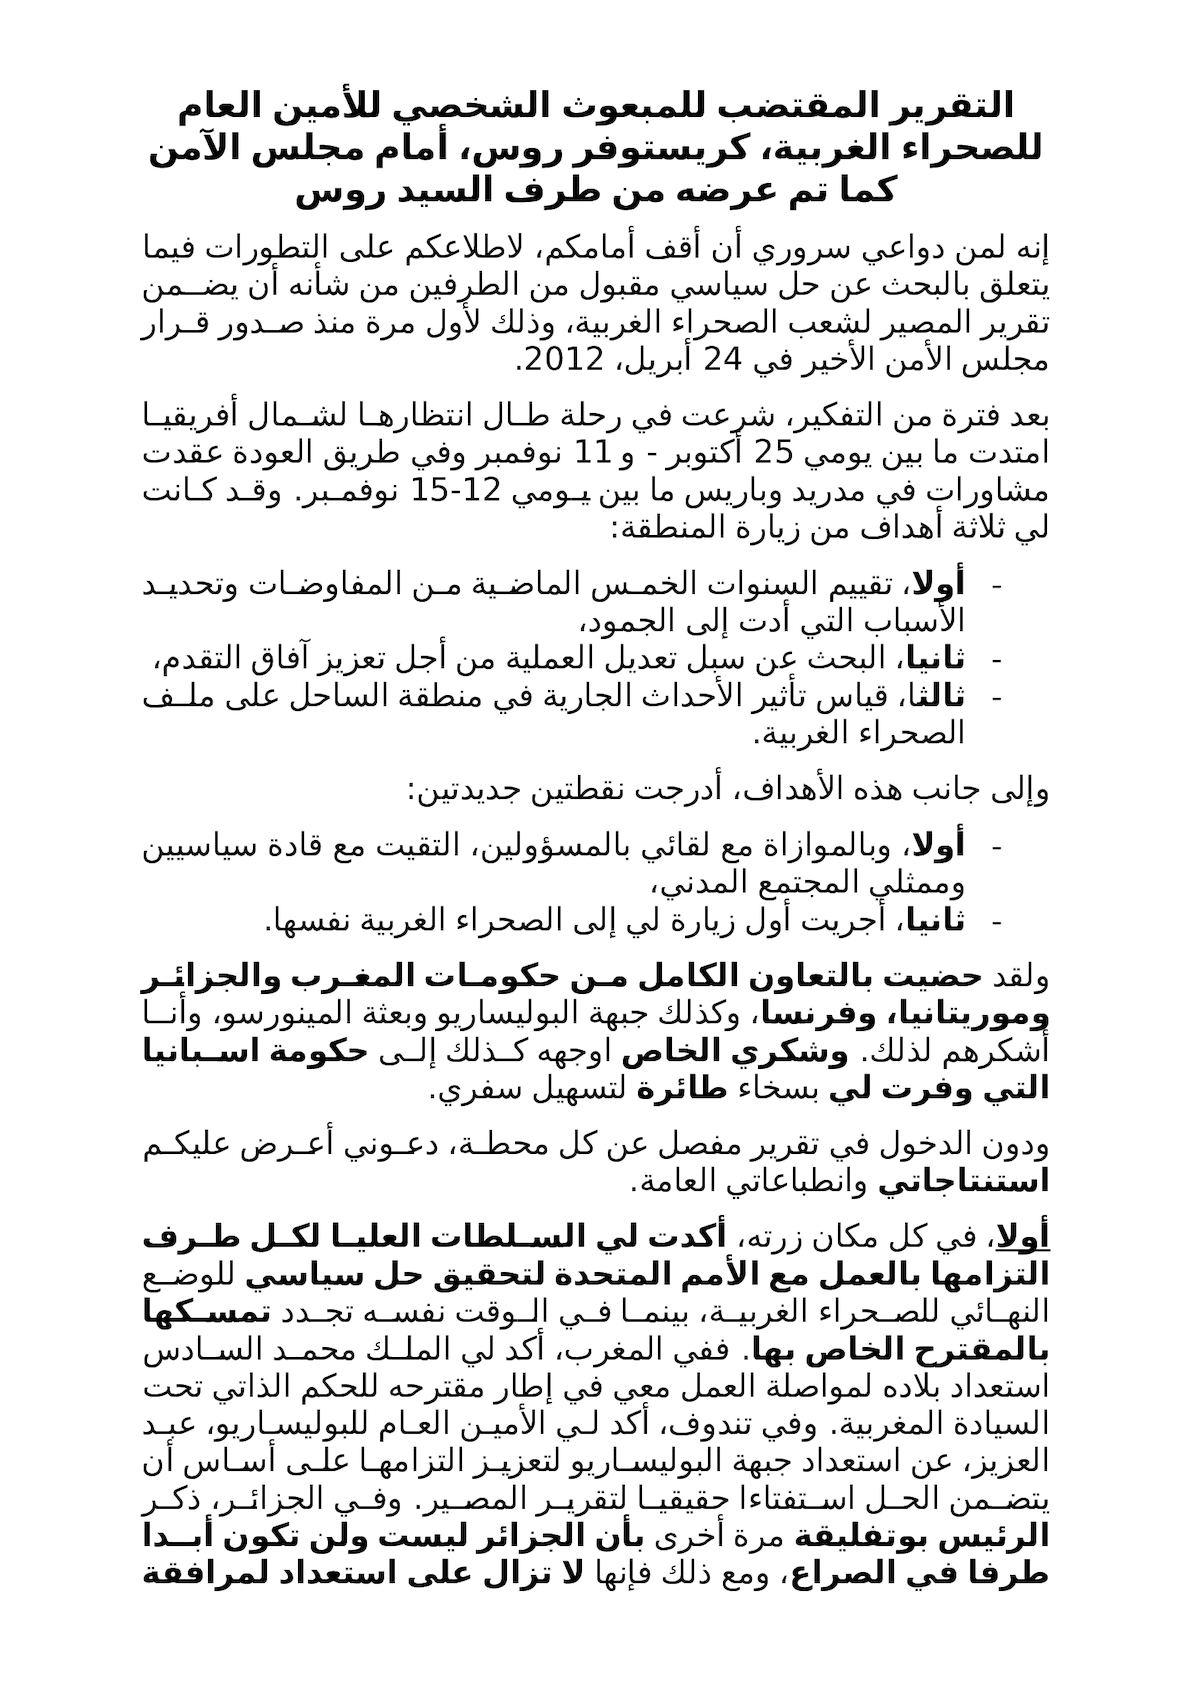 التقرير المقتضب للمبعوث الشخصي للأمين العام للصحراء الغربية.